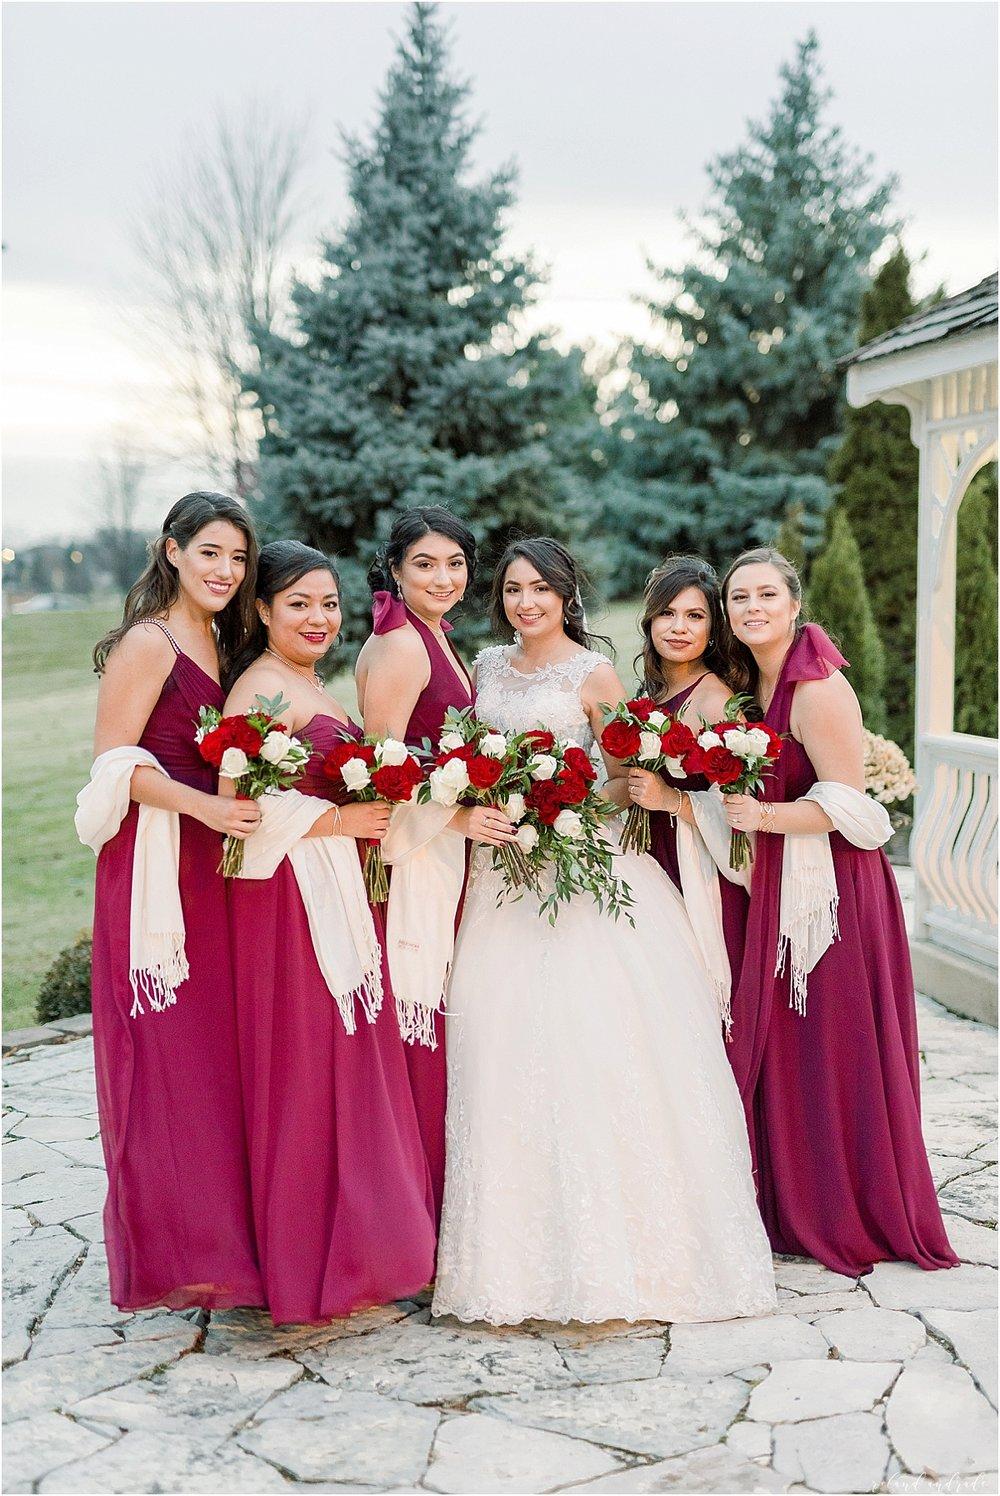 Alpine Banquets Wedding, Chicago Wedding Photographer, Naperville Wedding Photographer, Best Photographer In Aurora, Best Photographer In Chicago_0043.jpg